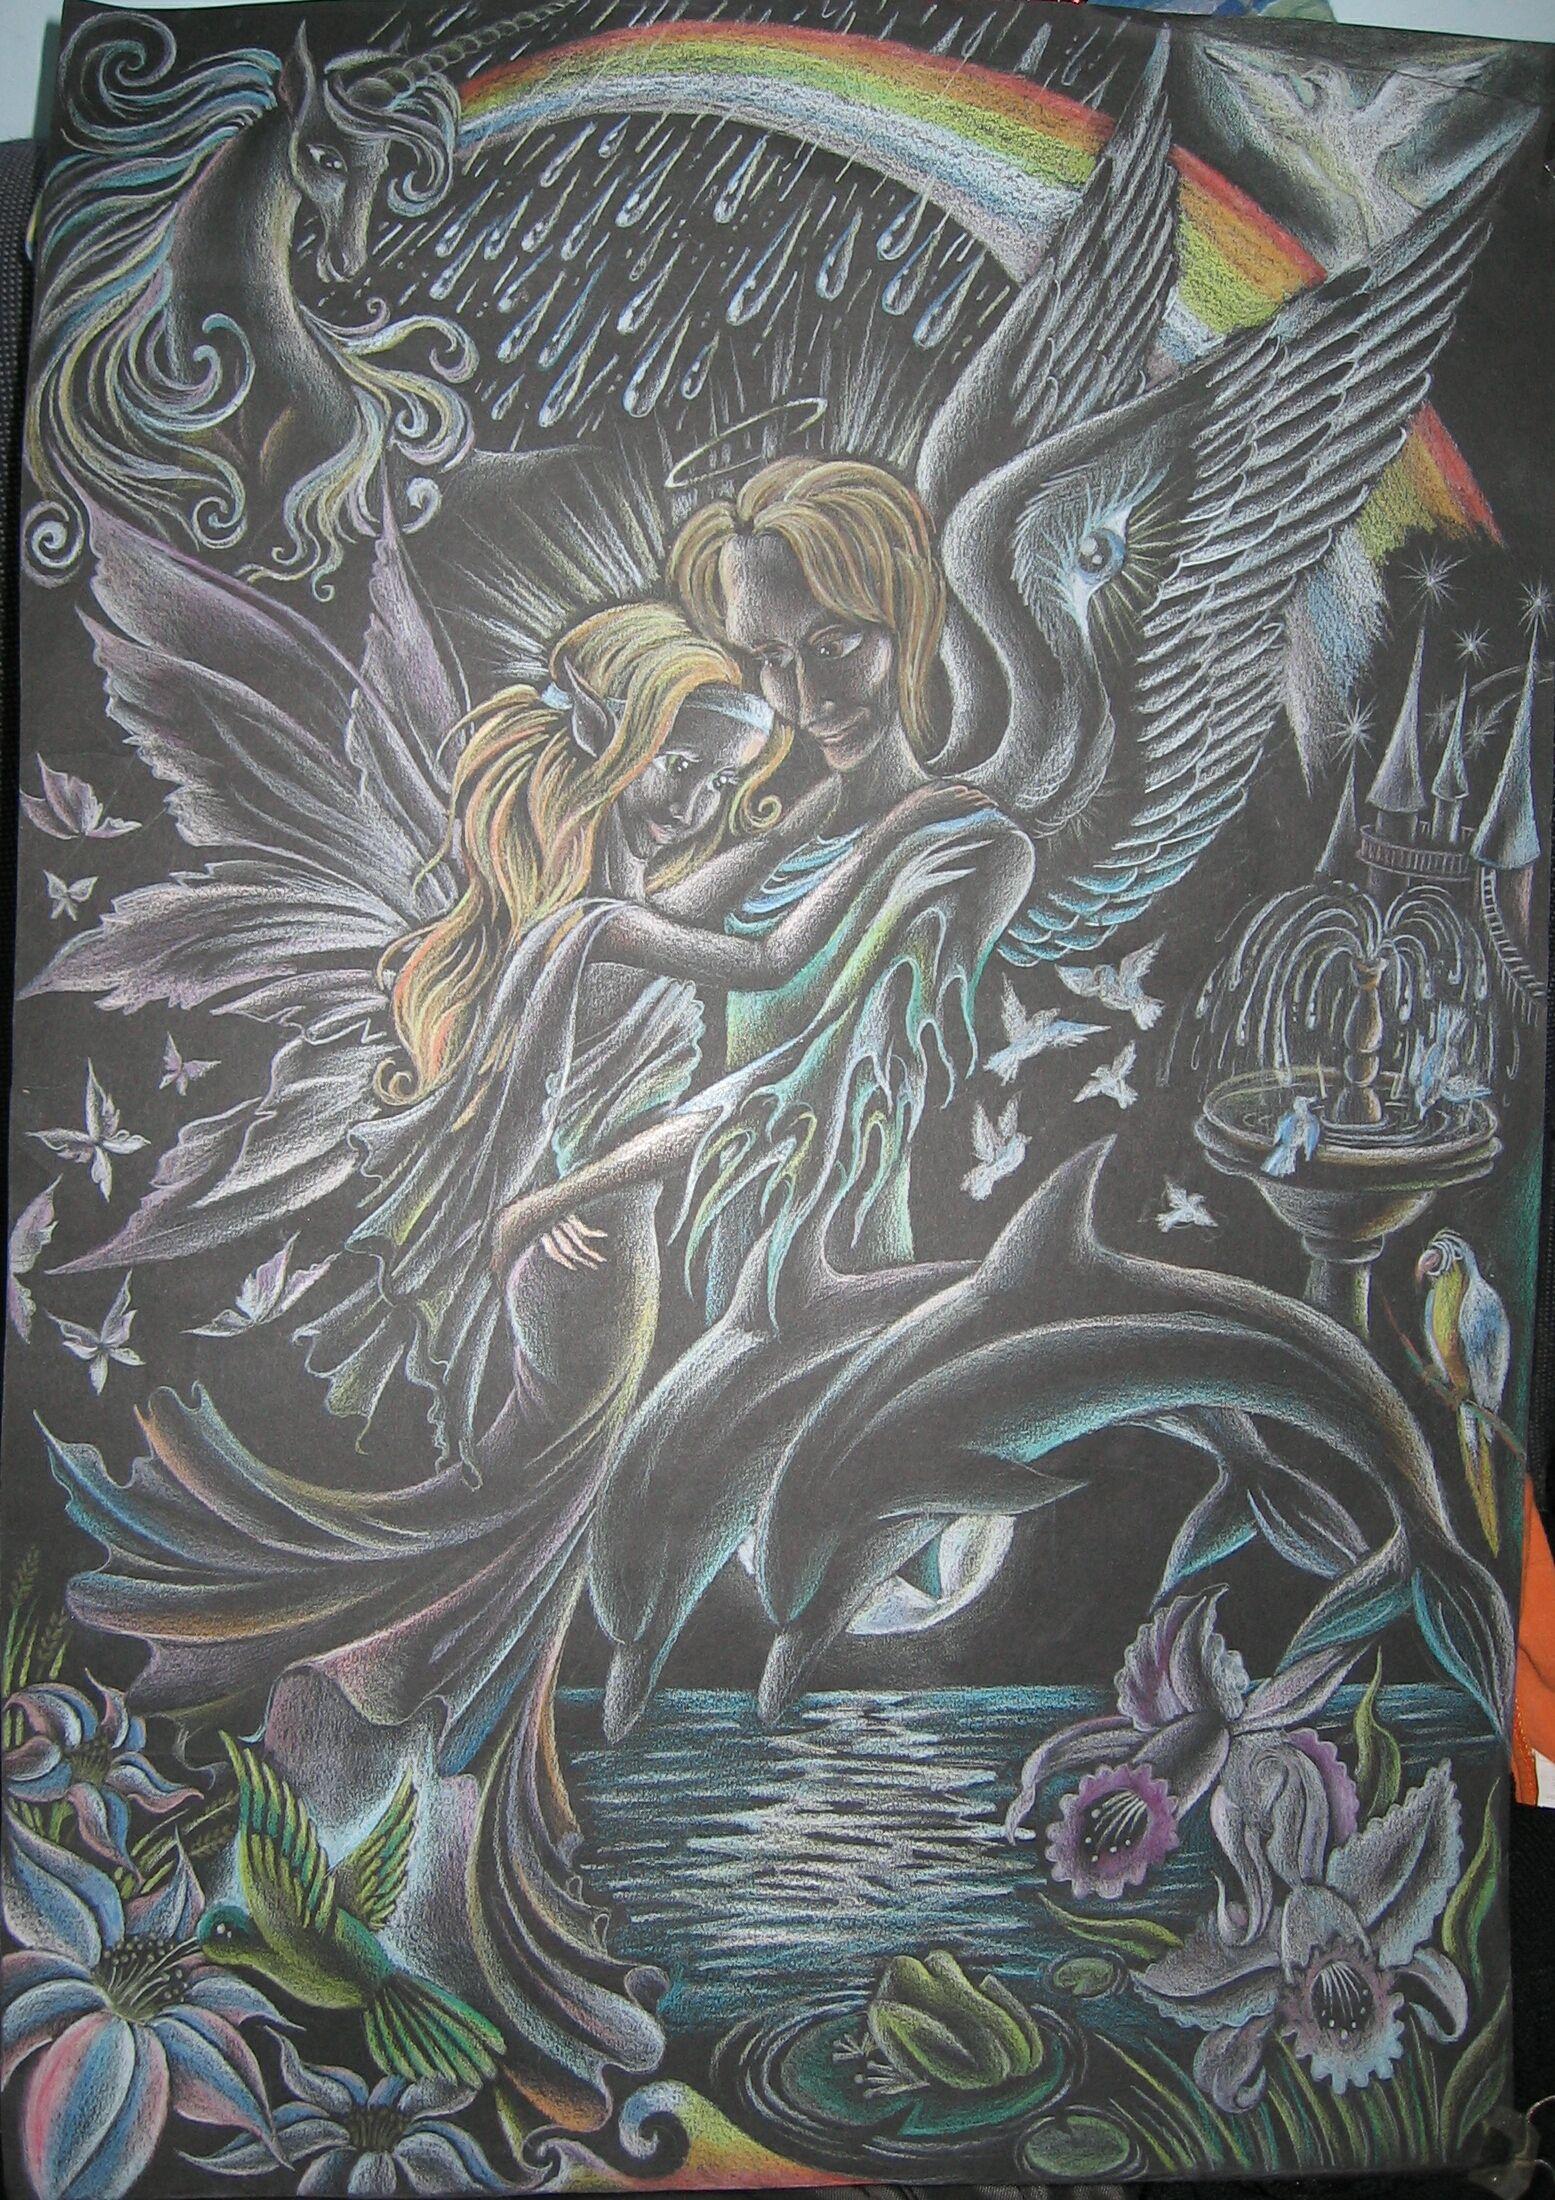 Rainbowblack by TrollGirl.deviantart.com on @deviantART